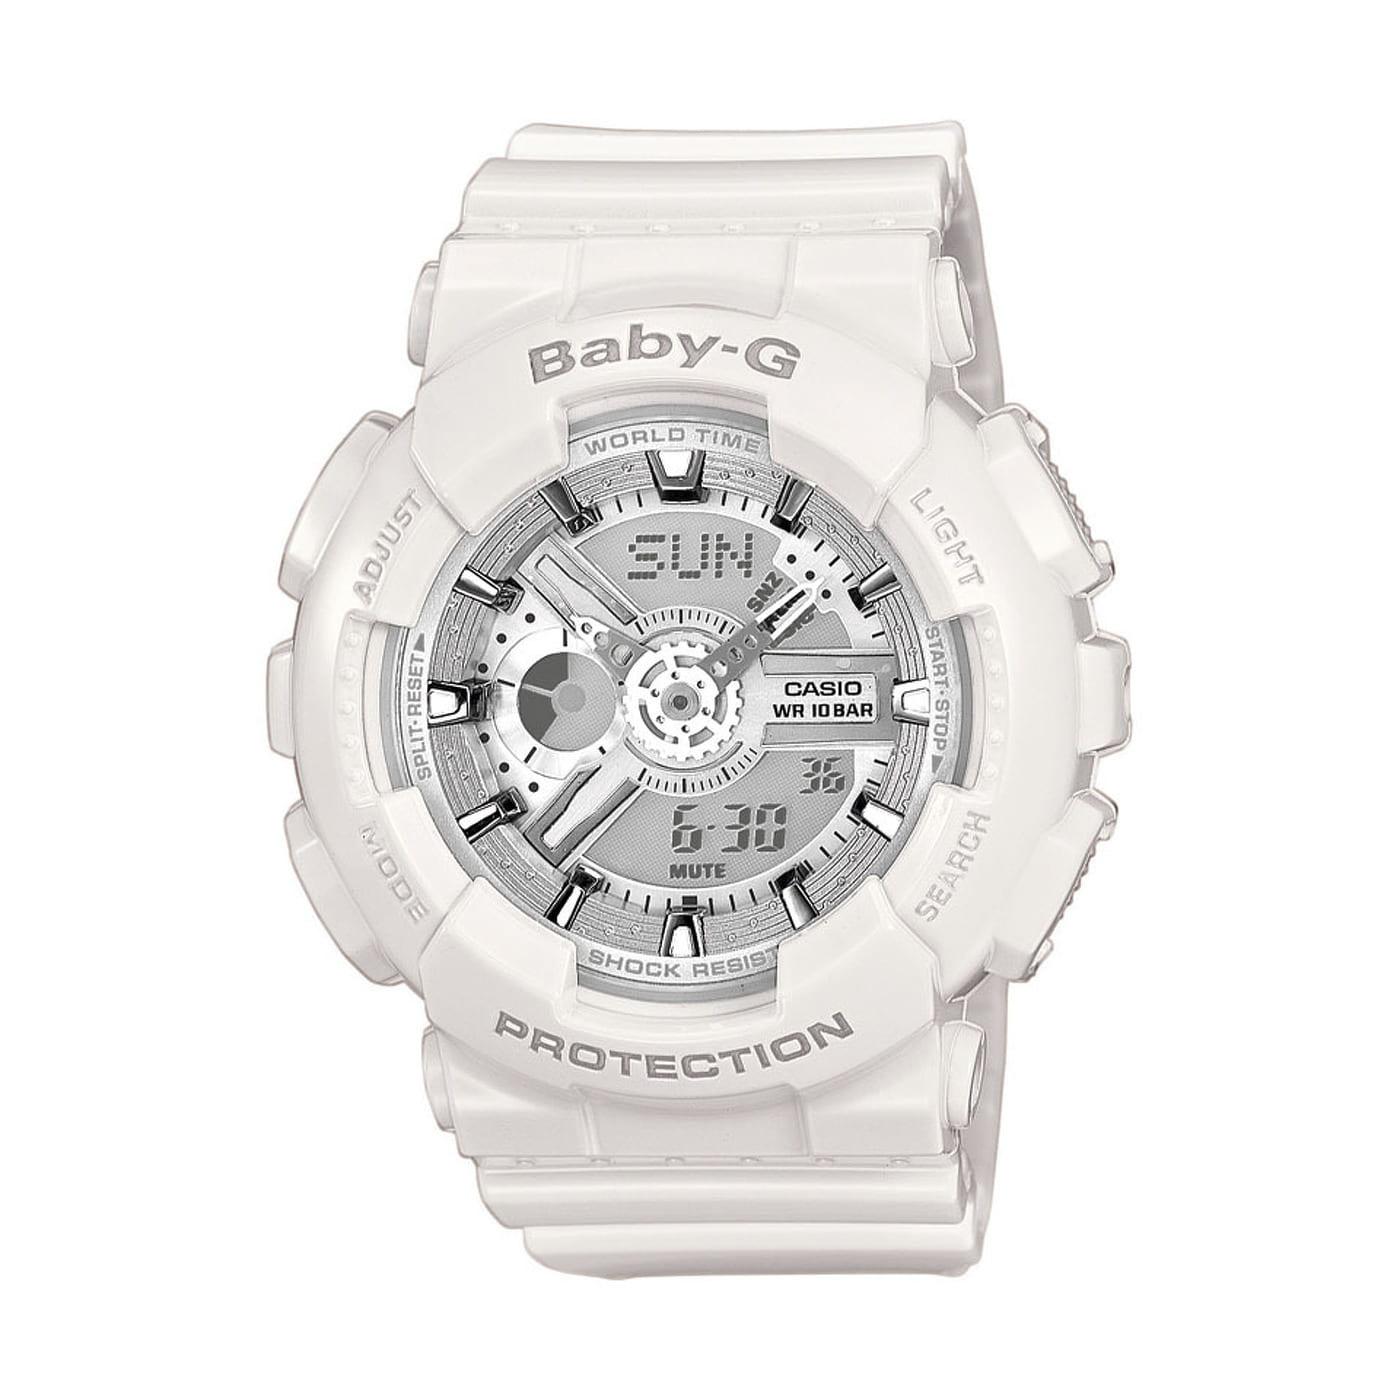 Casio Baby-G BA 110-7A3ER weiß